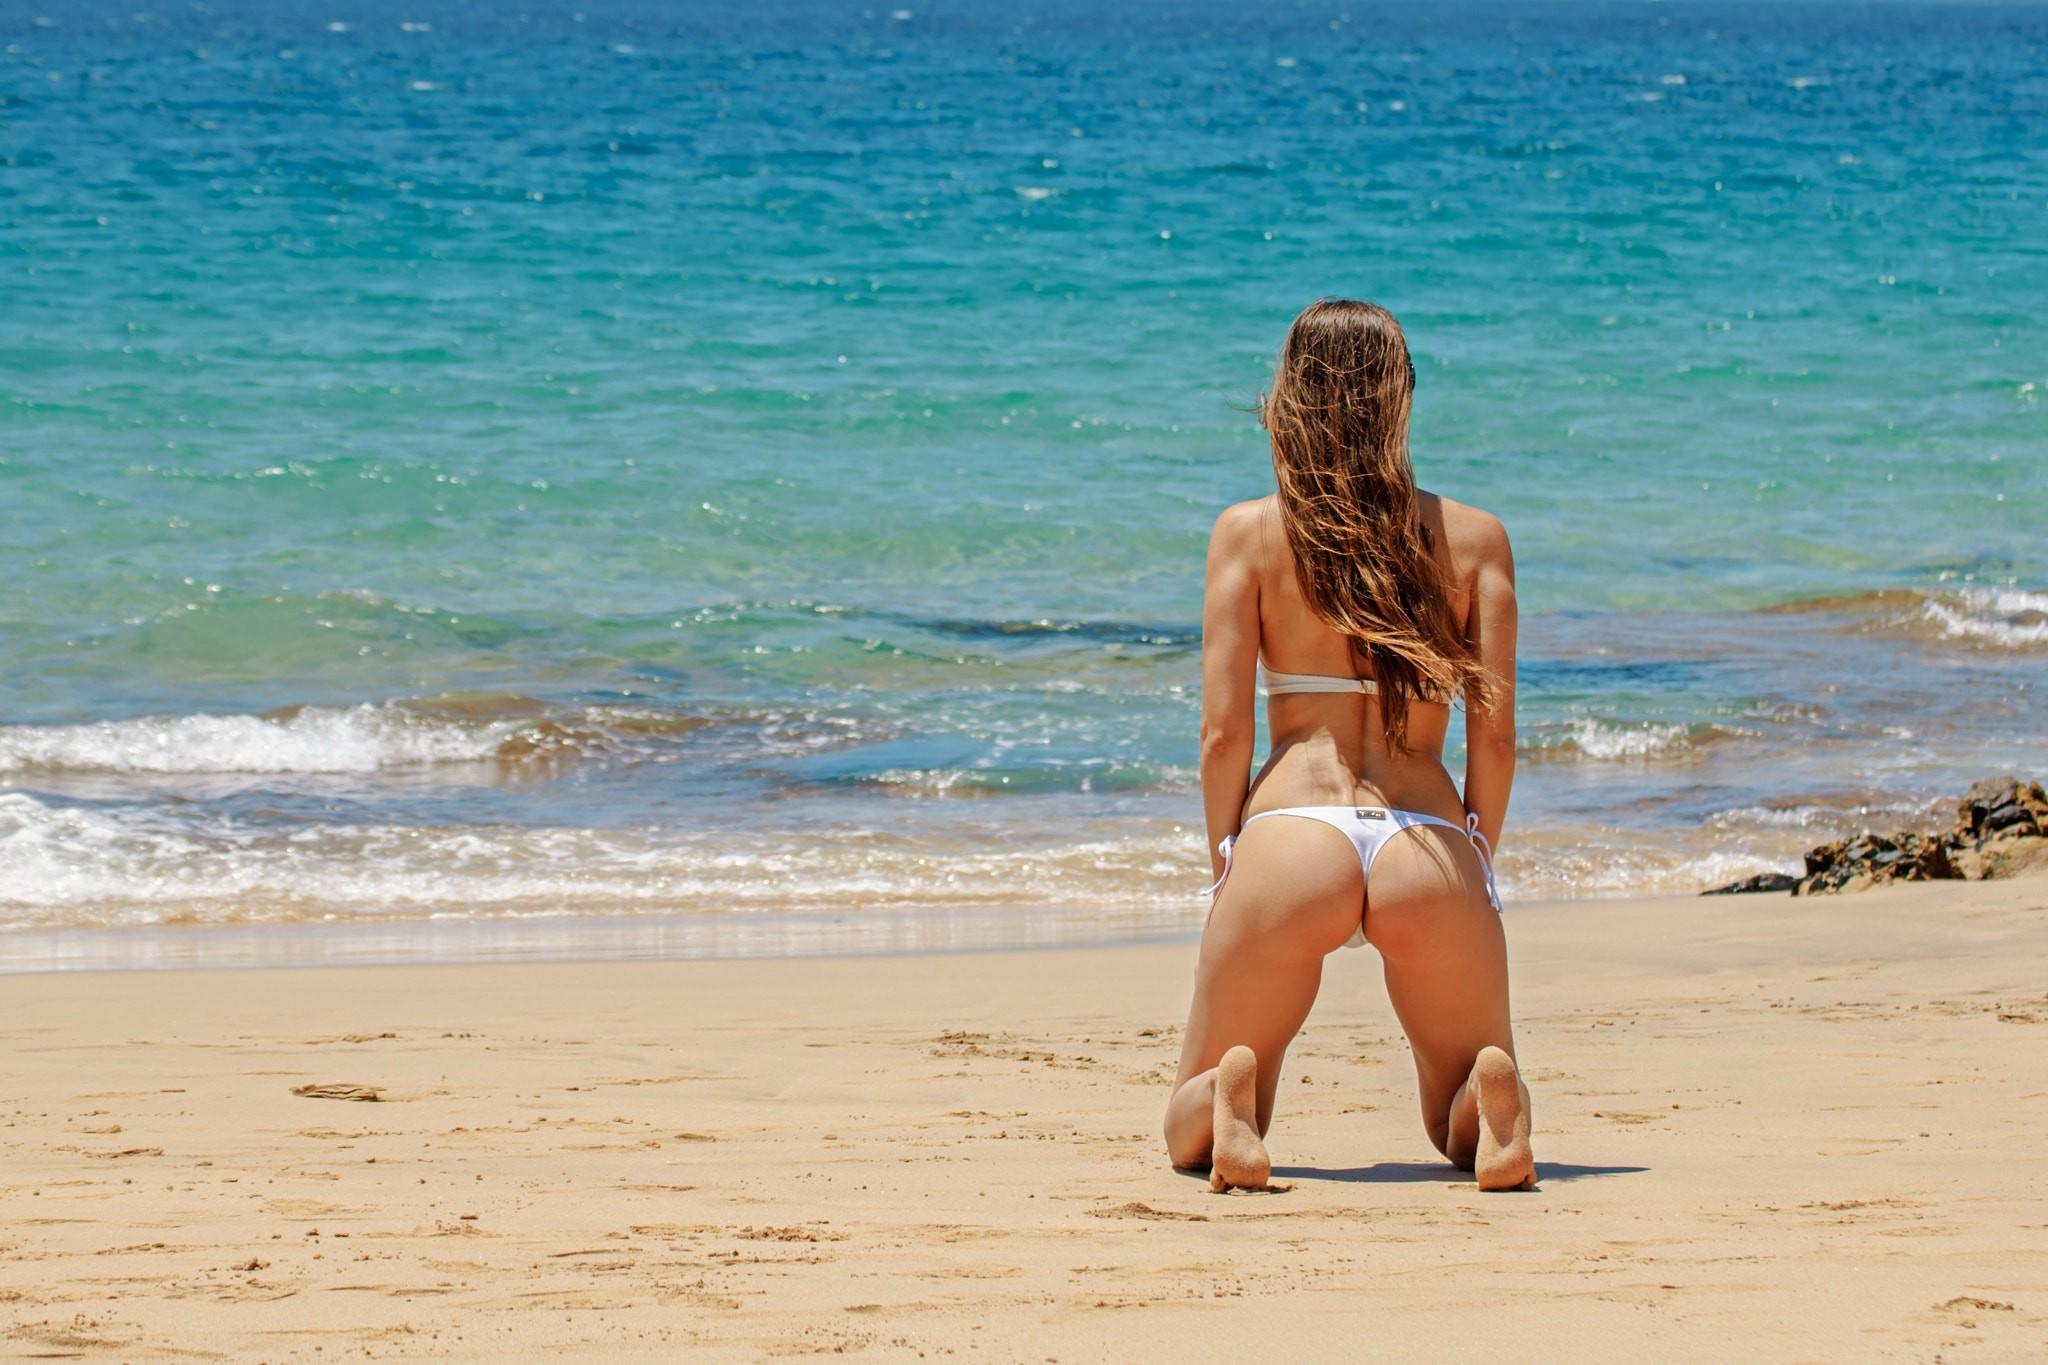 порно этой девчата на пляже диком фото классная, смуглая сексапильная